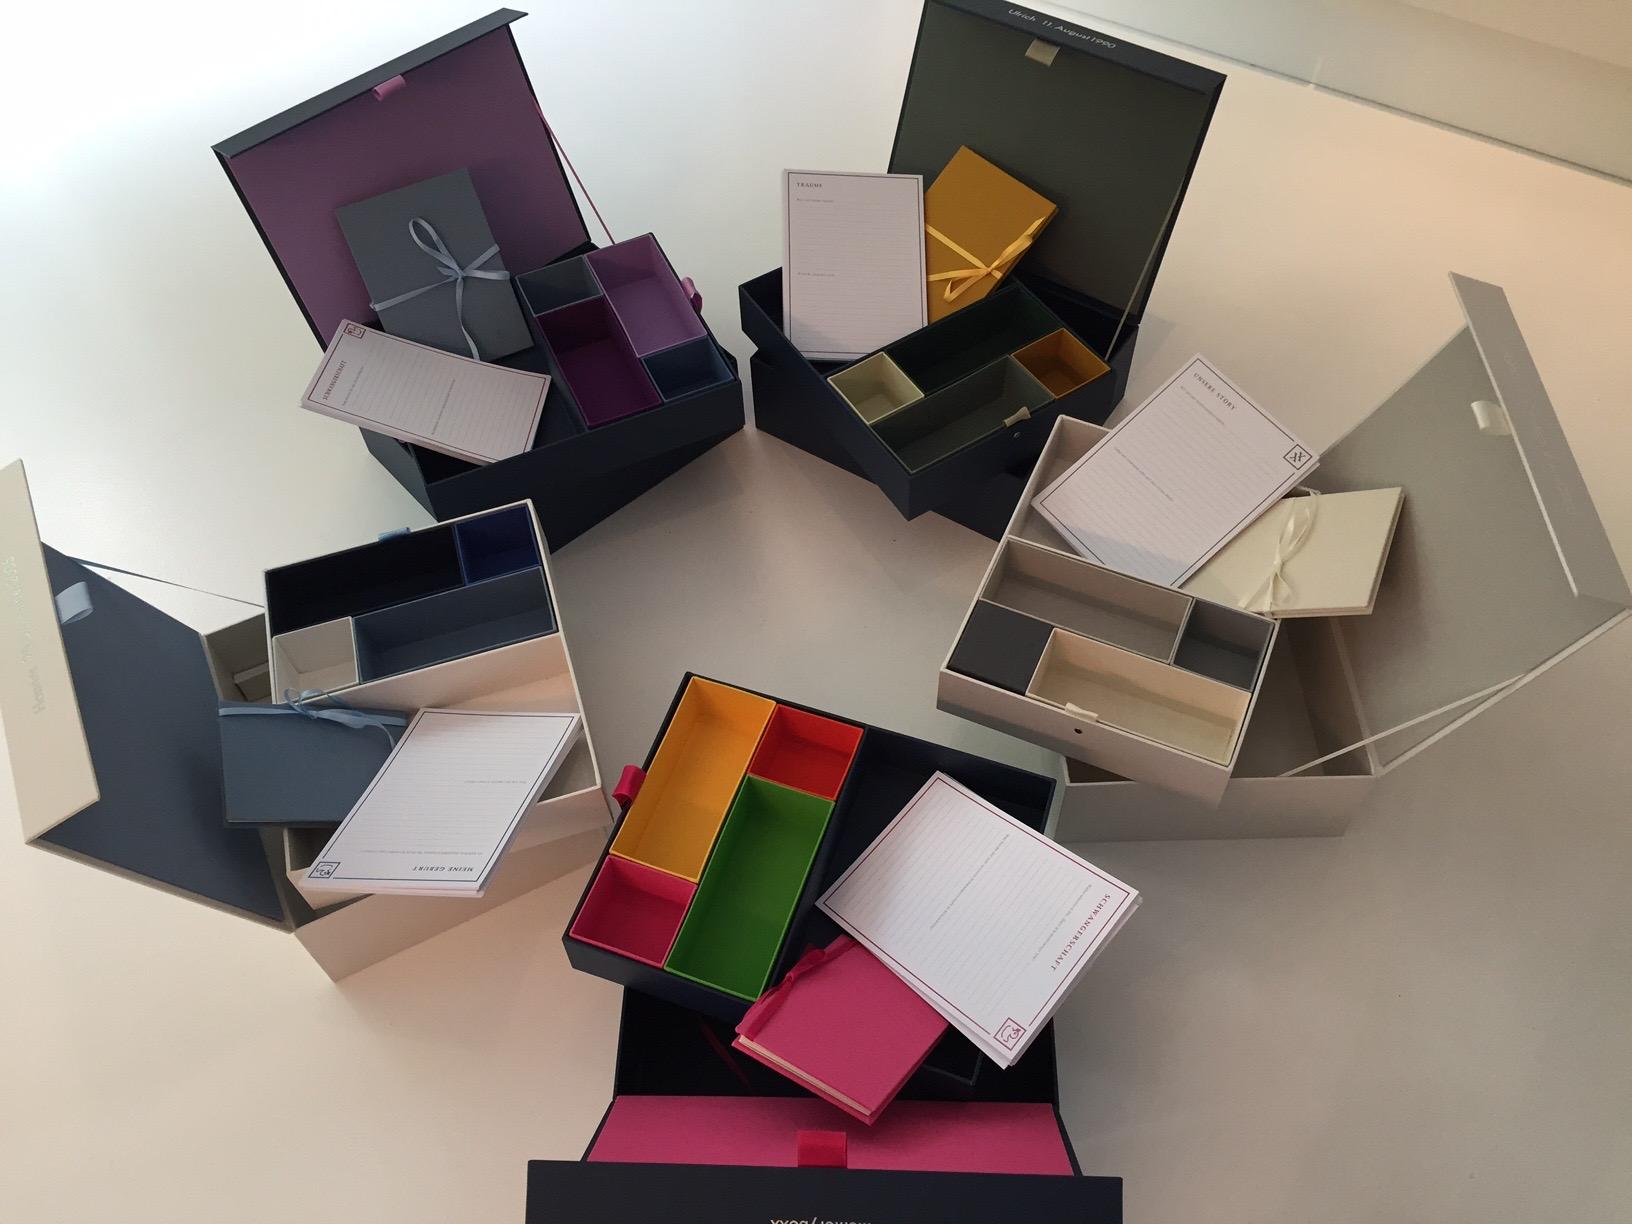 Memoryboxx, Memorybox, Schatzkiste für Erinnerungen, Erinnerungne aufbewahren, Lieblingsstil.com, Lifestyle Blog,